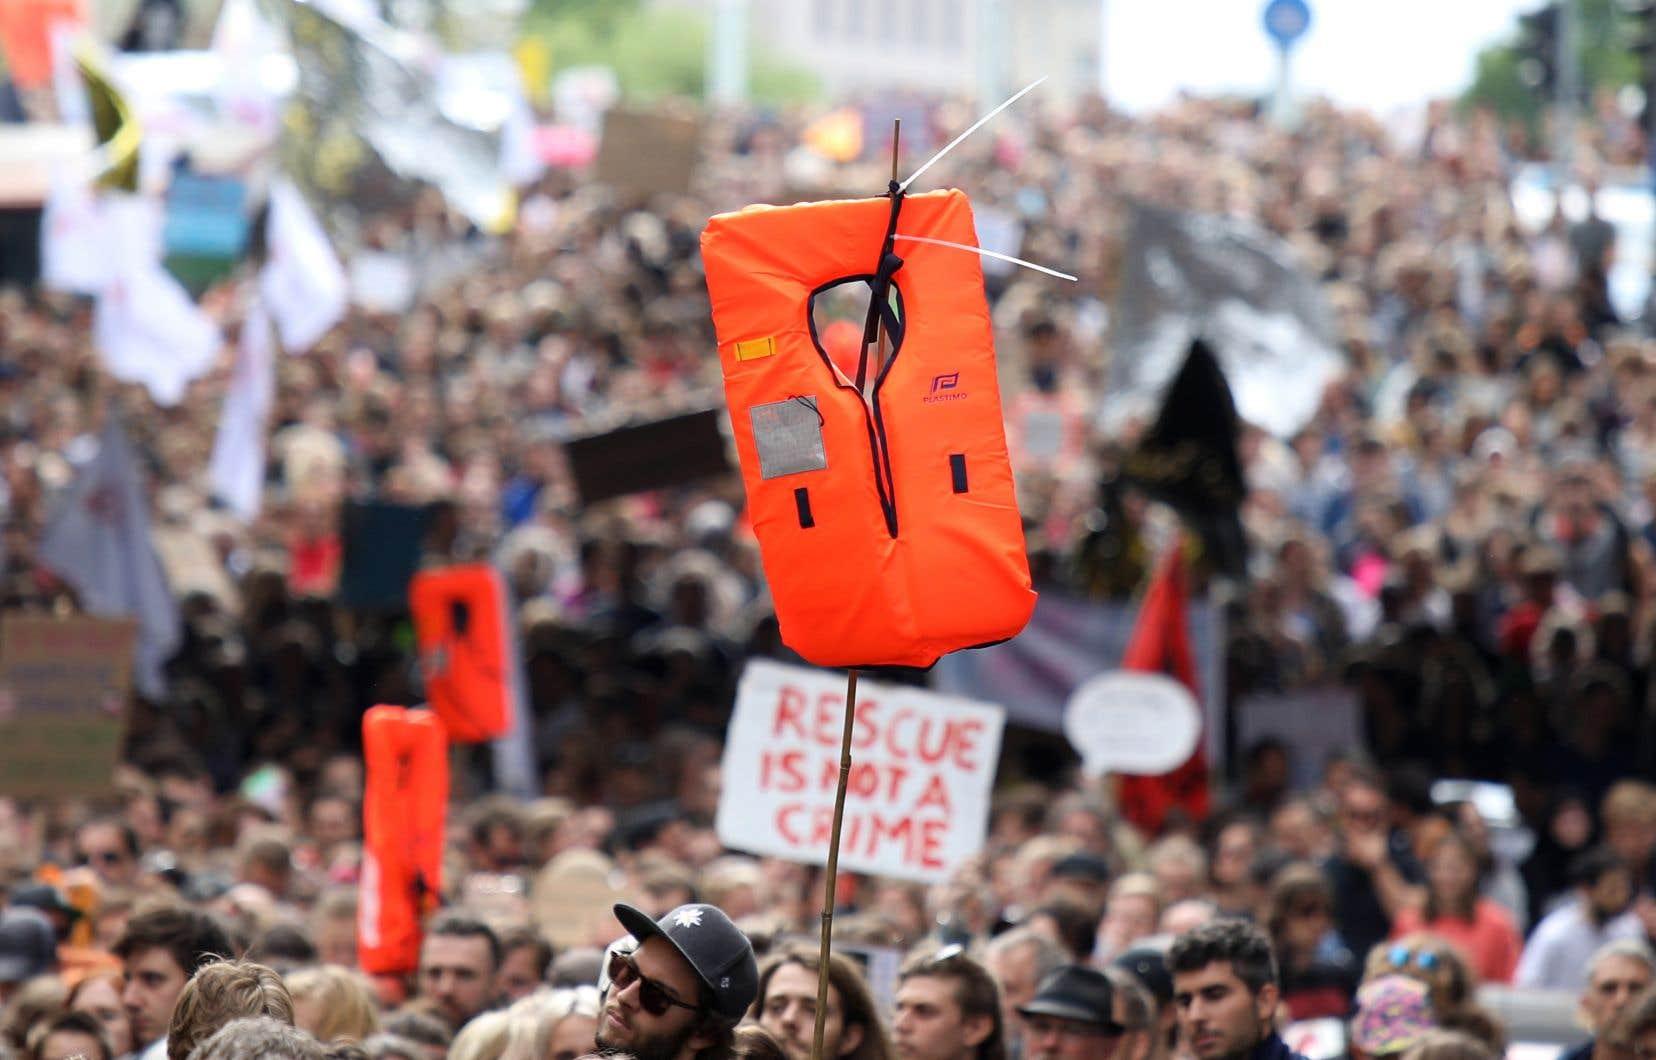 Brandissant des gilets de sauvetage, les manifestants à Berlin ont dénoncé la criminalisation du sauvetage en mer et s'en sont pris particulièrement au ministre italien de l'Intérieur (extrême droite) Matteo Salvini.